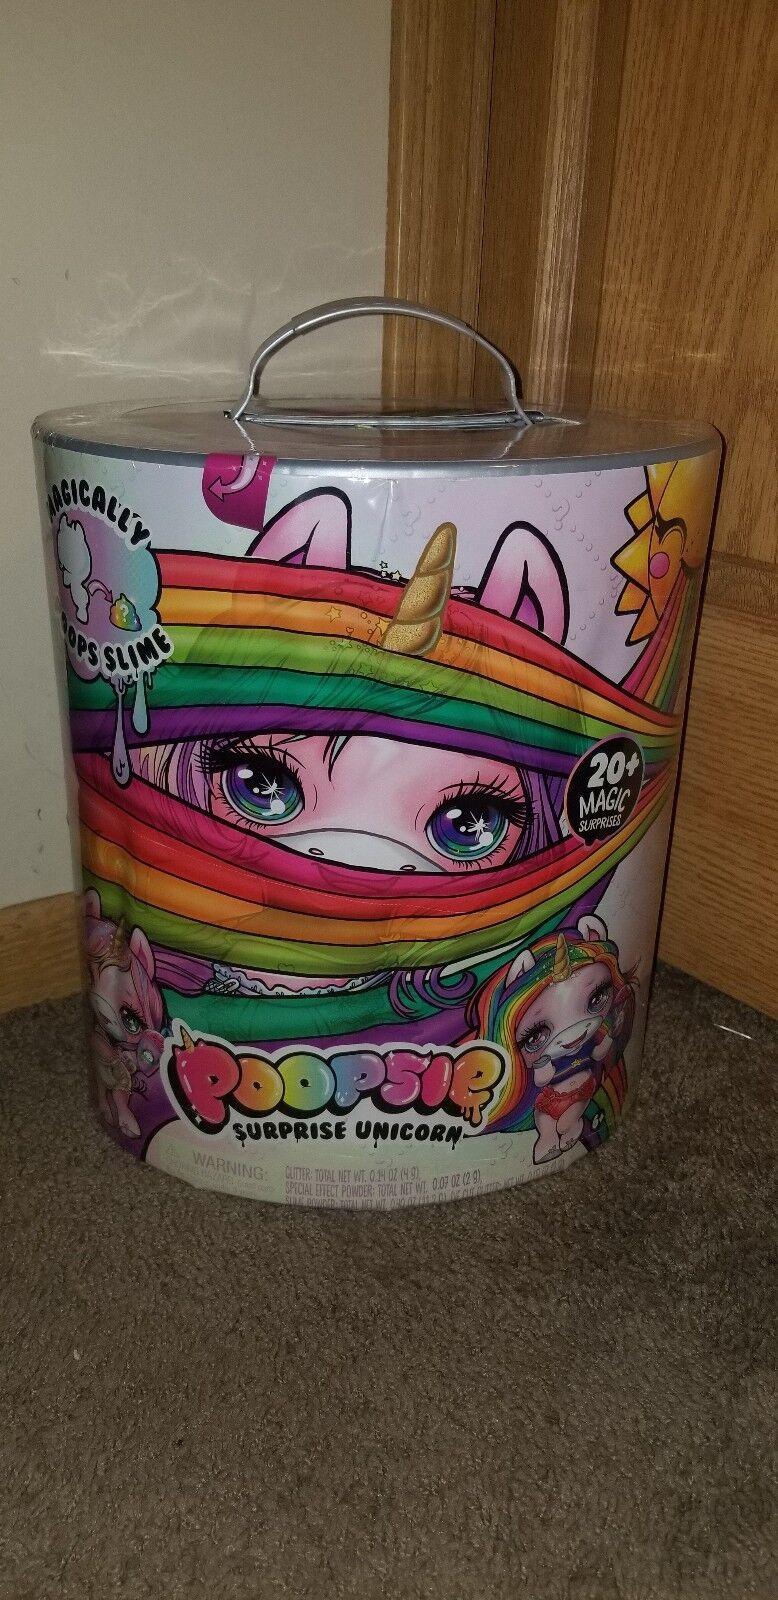 Poopsie Magical Surprise Unicorn    OOPSIE estrellaLIGHT   alta qualità e spedizione veloce